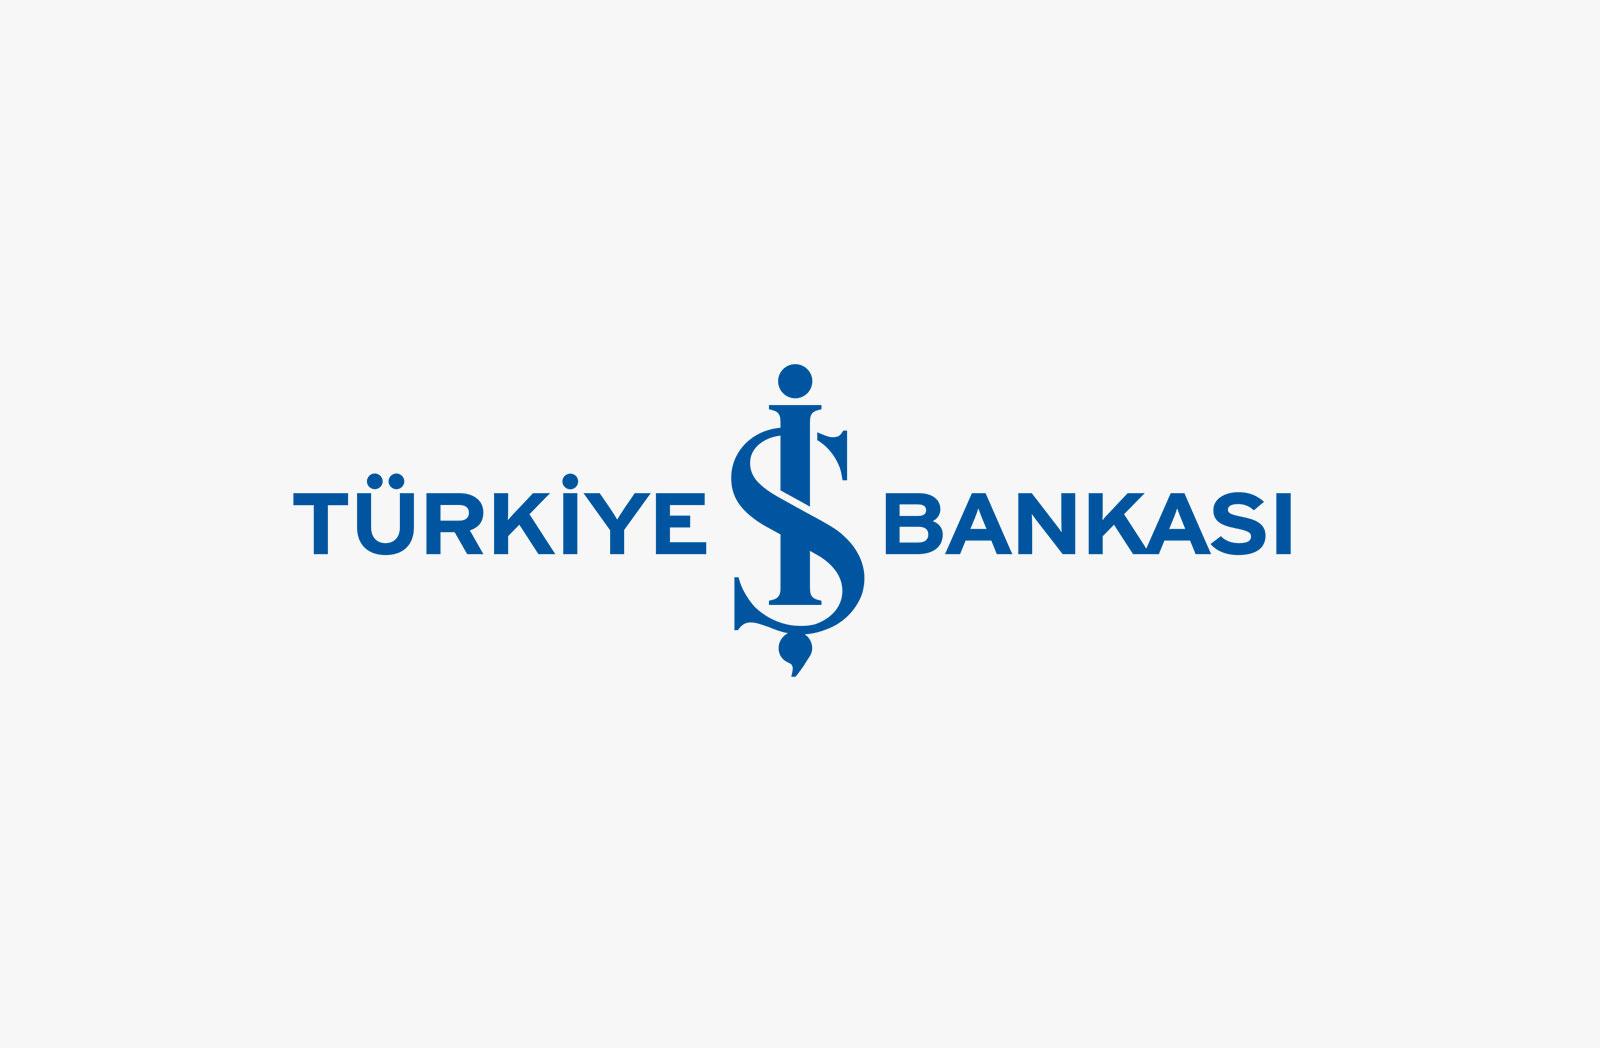 turkiye-is-bankasi-indirim